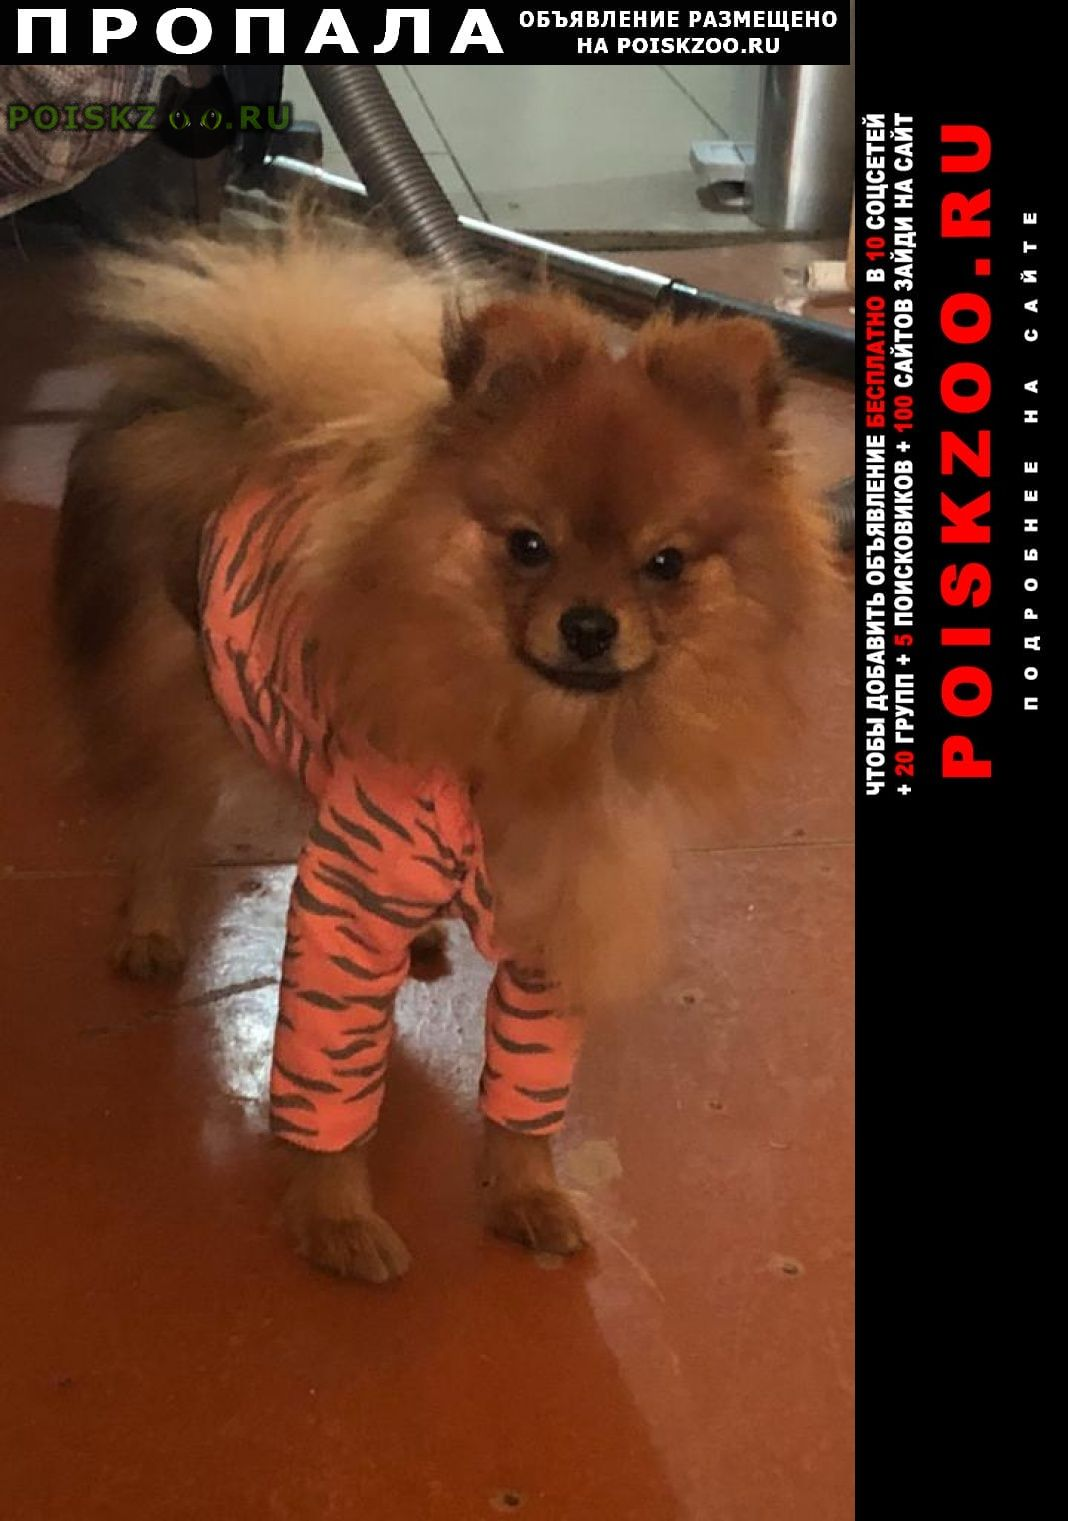 Пропала собака кобель шпиц г.Ростов-на-Дону